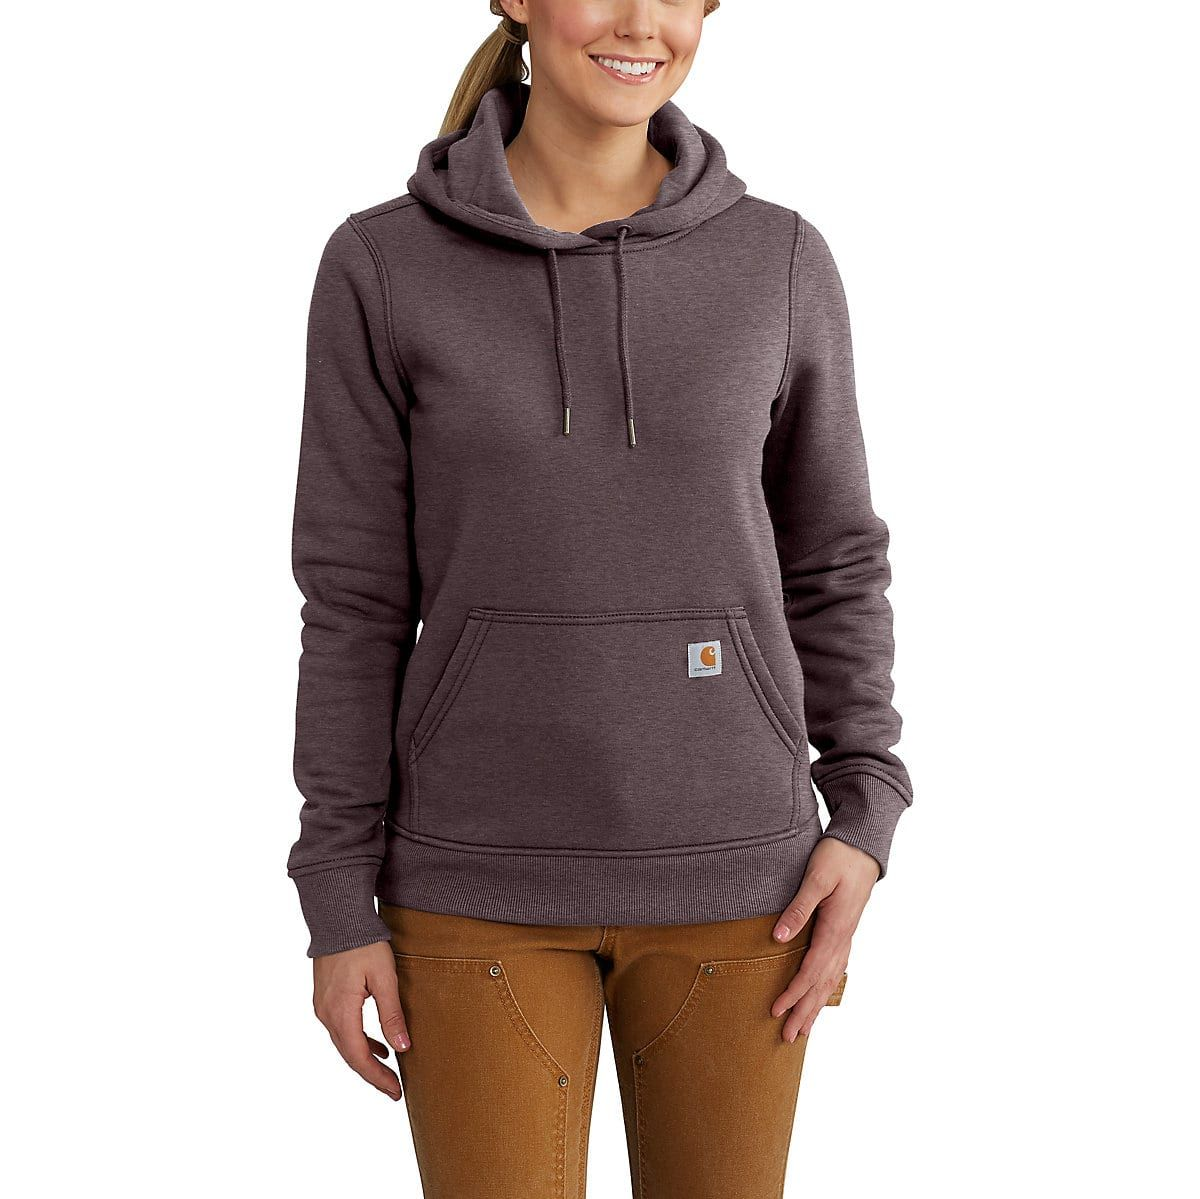 Clarksburg Pullover Sweatshirt in 2019 | Carhartt